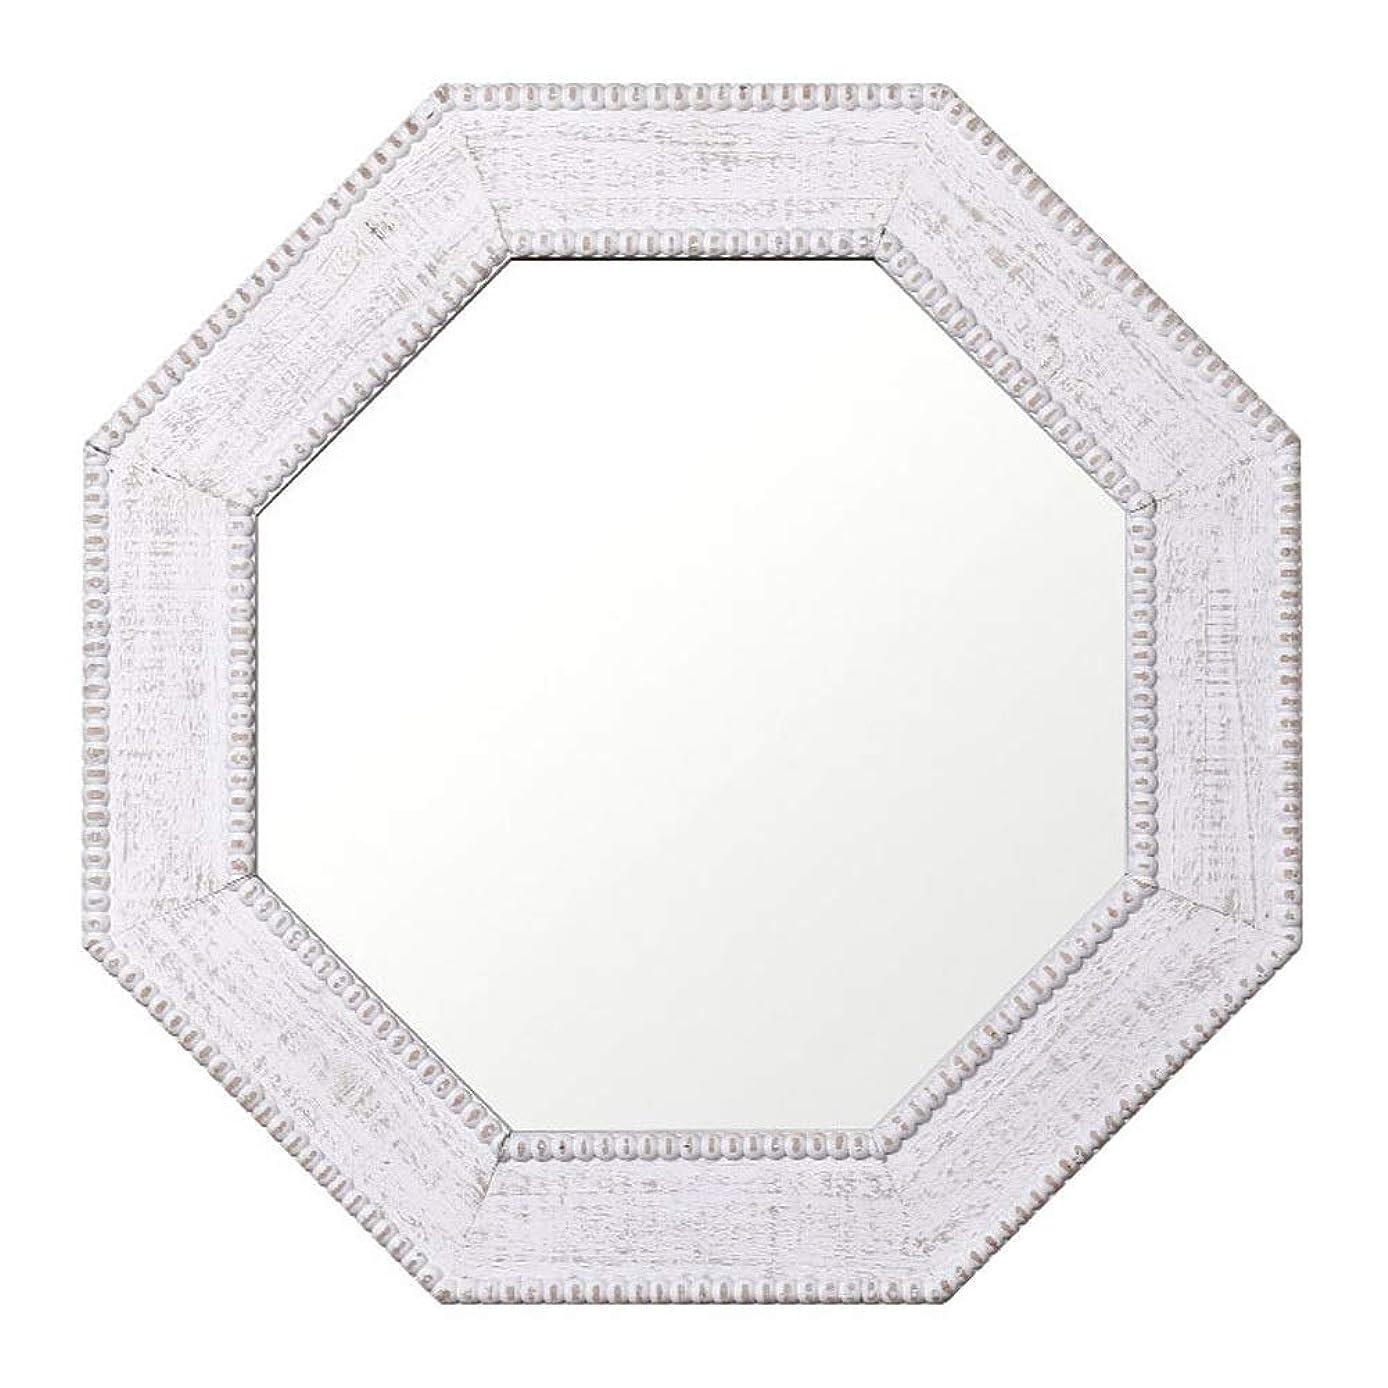 発見する下向きスクラップバニティミラーソリッドウッドバスルームの鏡をぶら下げ、欧州ミニマバスルームの鏡レンタルハウスウォール JZ11/4